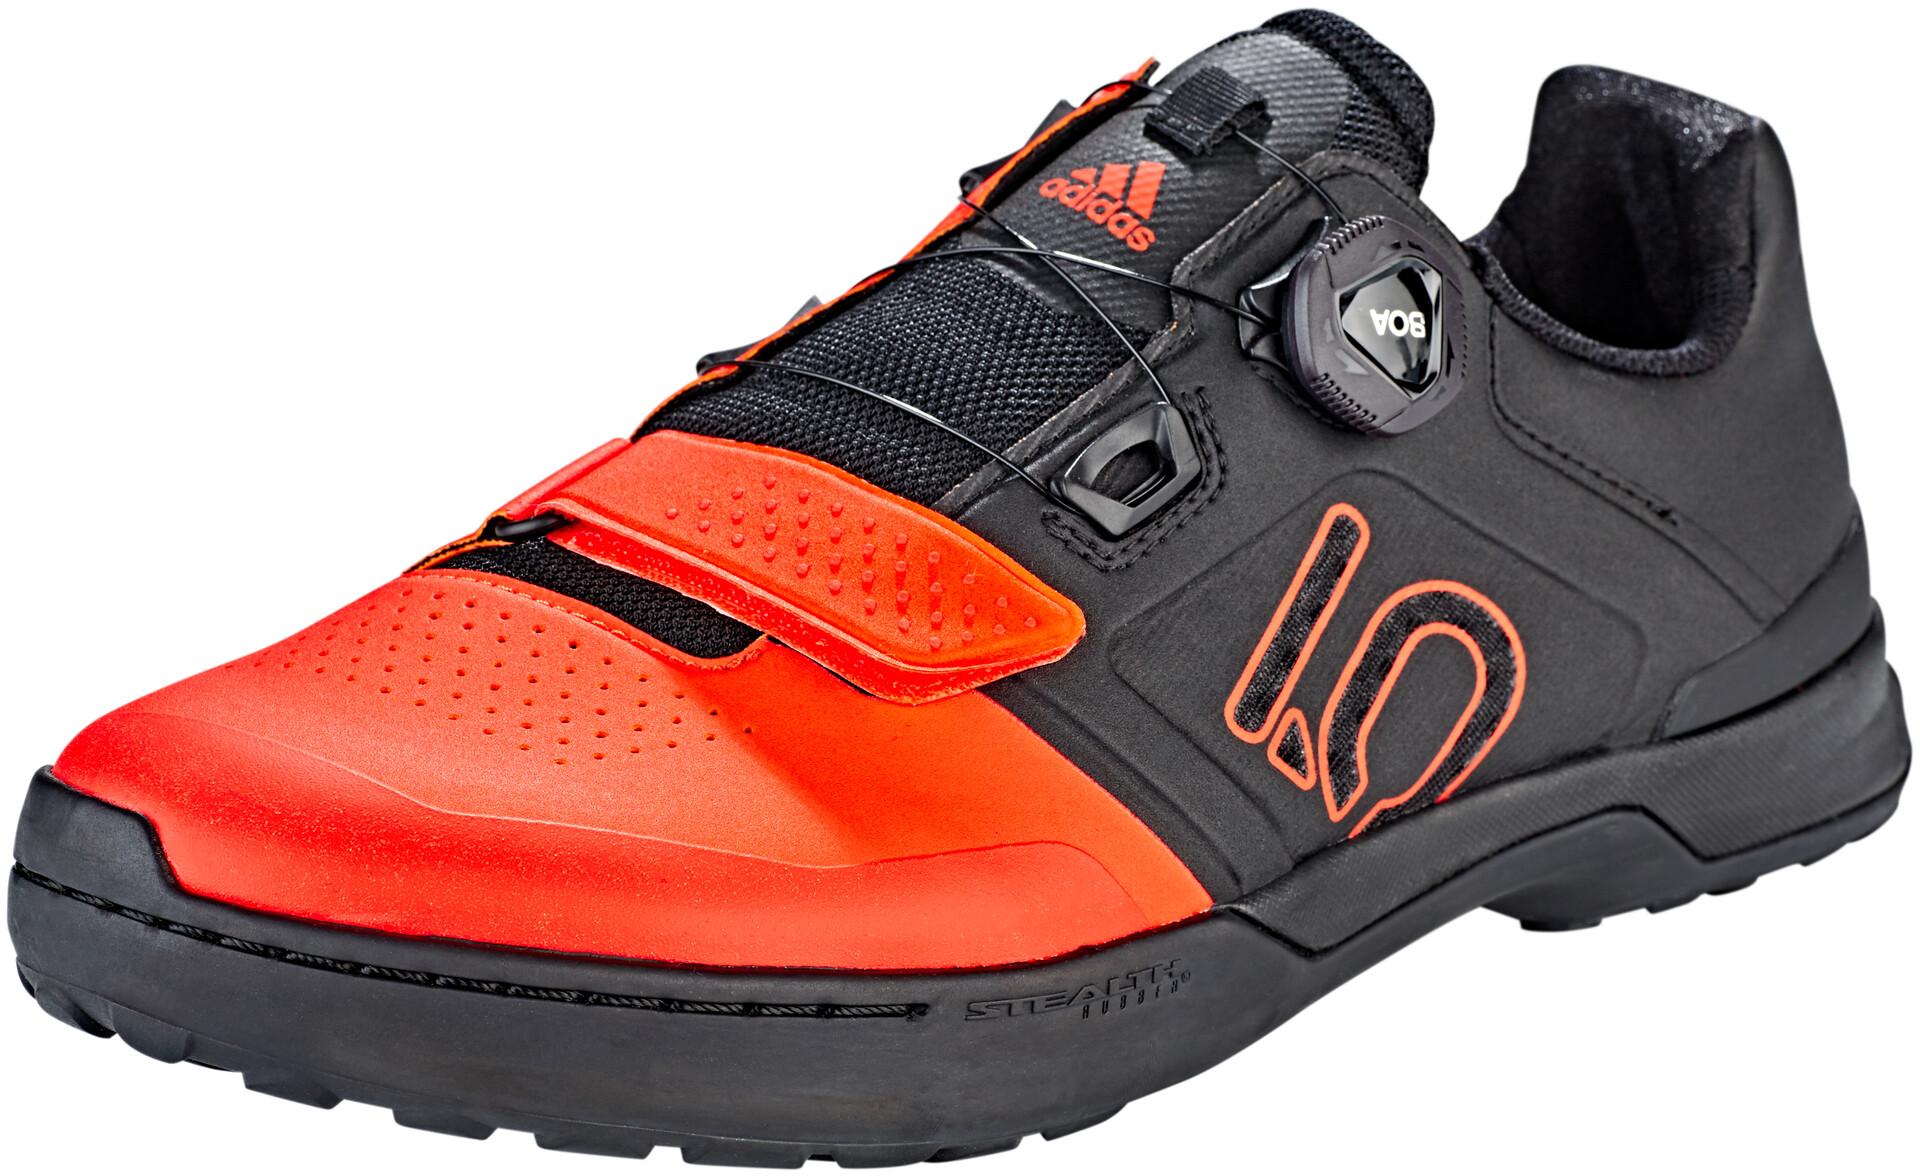 adidas Five Ten 5.10 Kestrel Pro Boa Zapatillas Hombre, active orangecore blackcore black